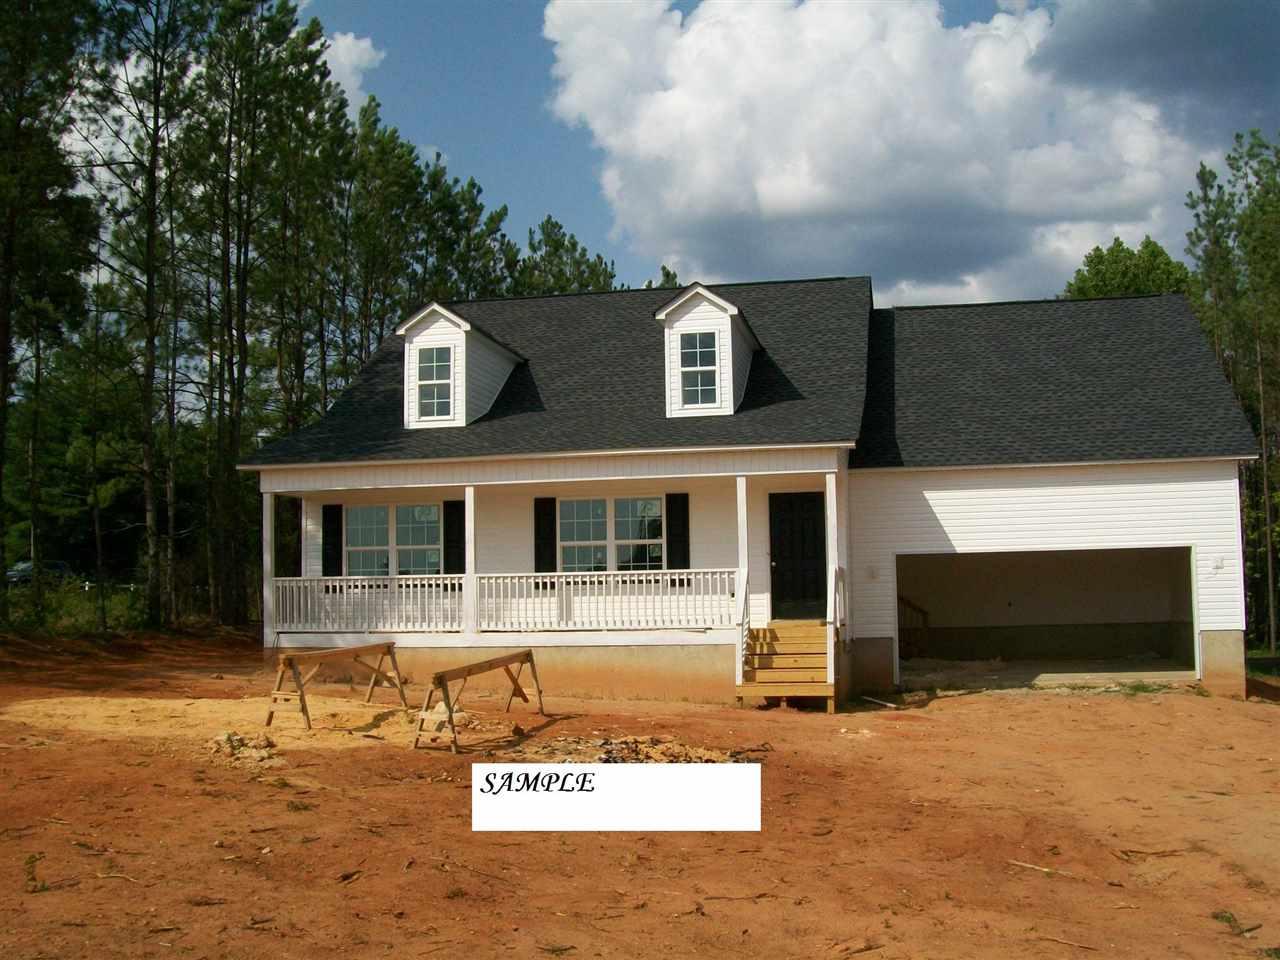 Real Estate for Sale, ListingId: 35148985, Clover,SC29710